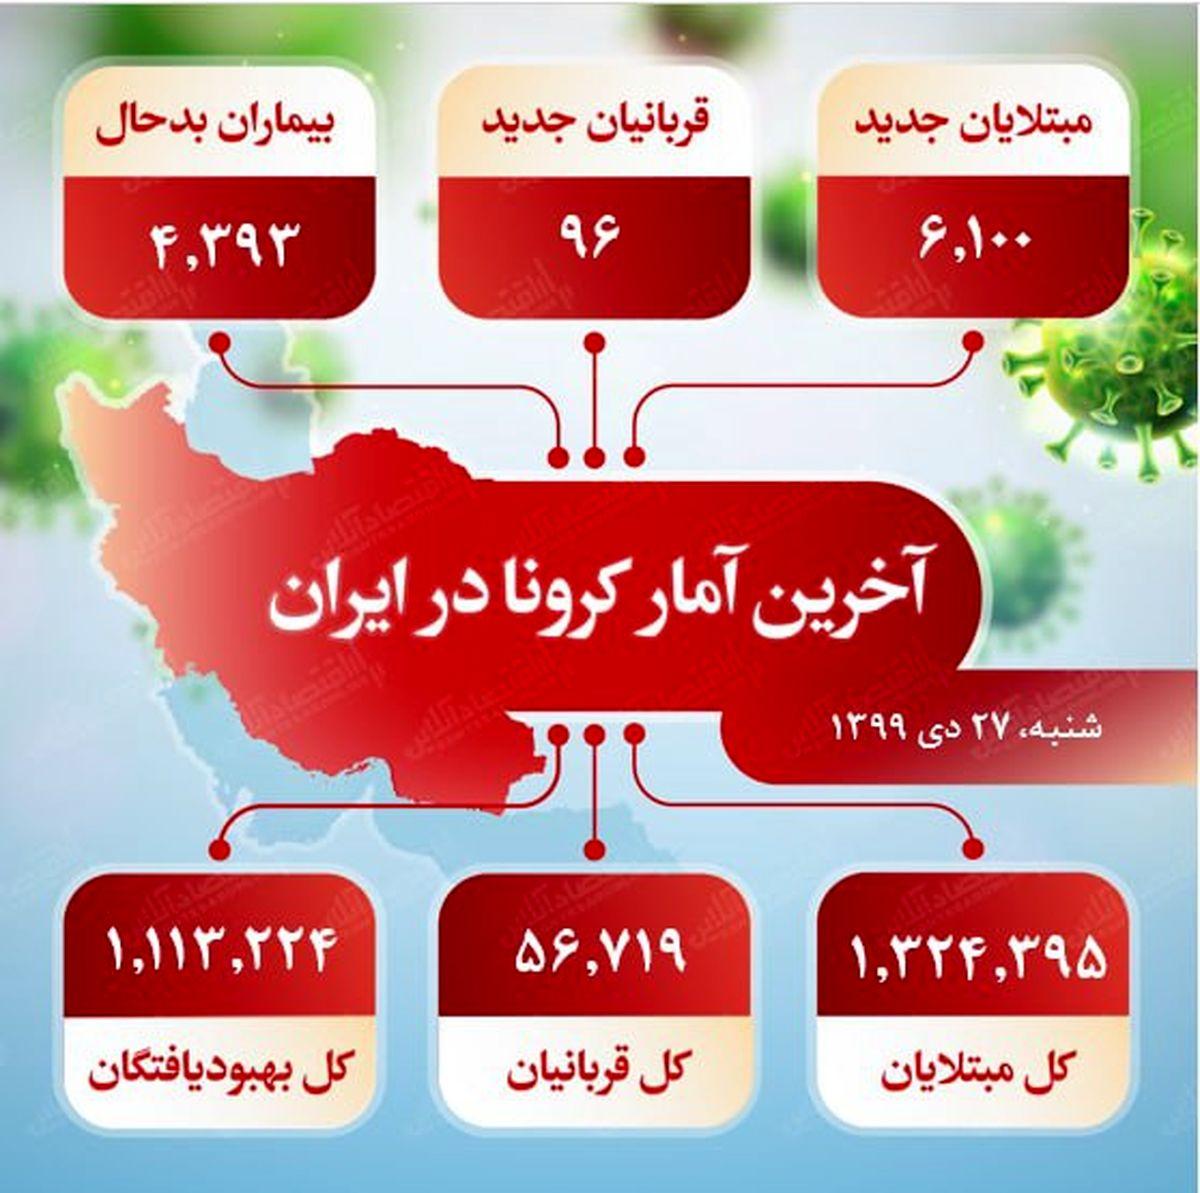 آخرین آمار کرونا در ایران (۹۹/۱۰/۲۷)